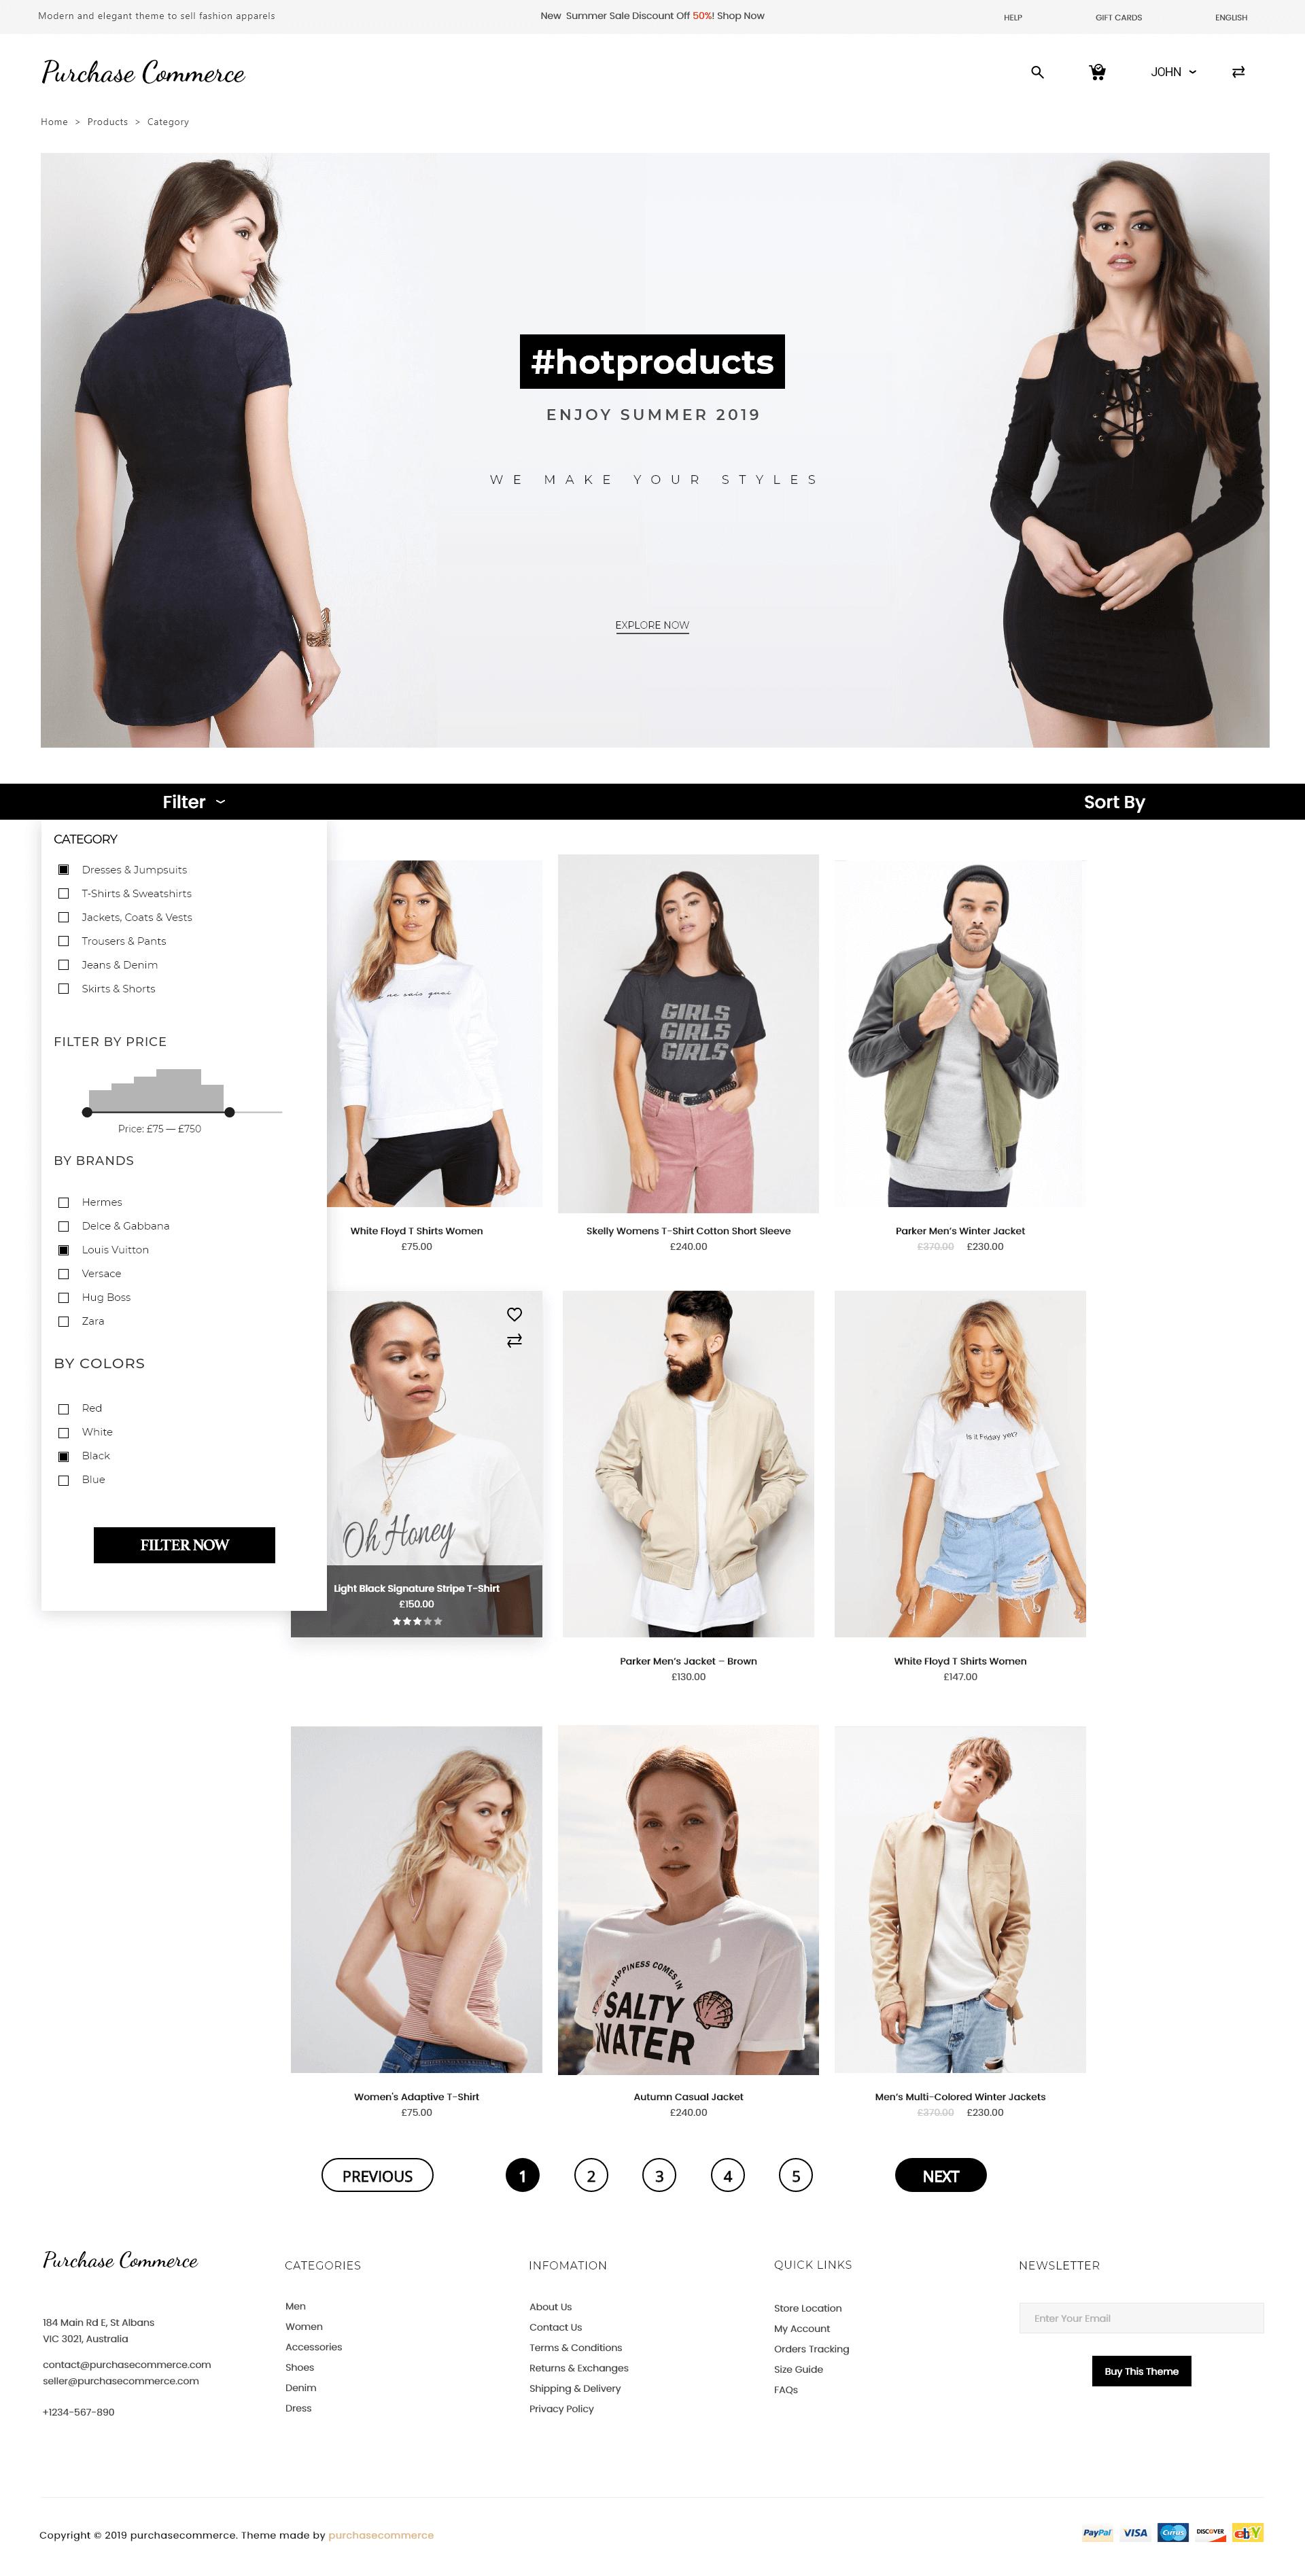 apparels-ecommerce-website-templates